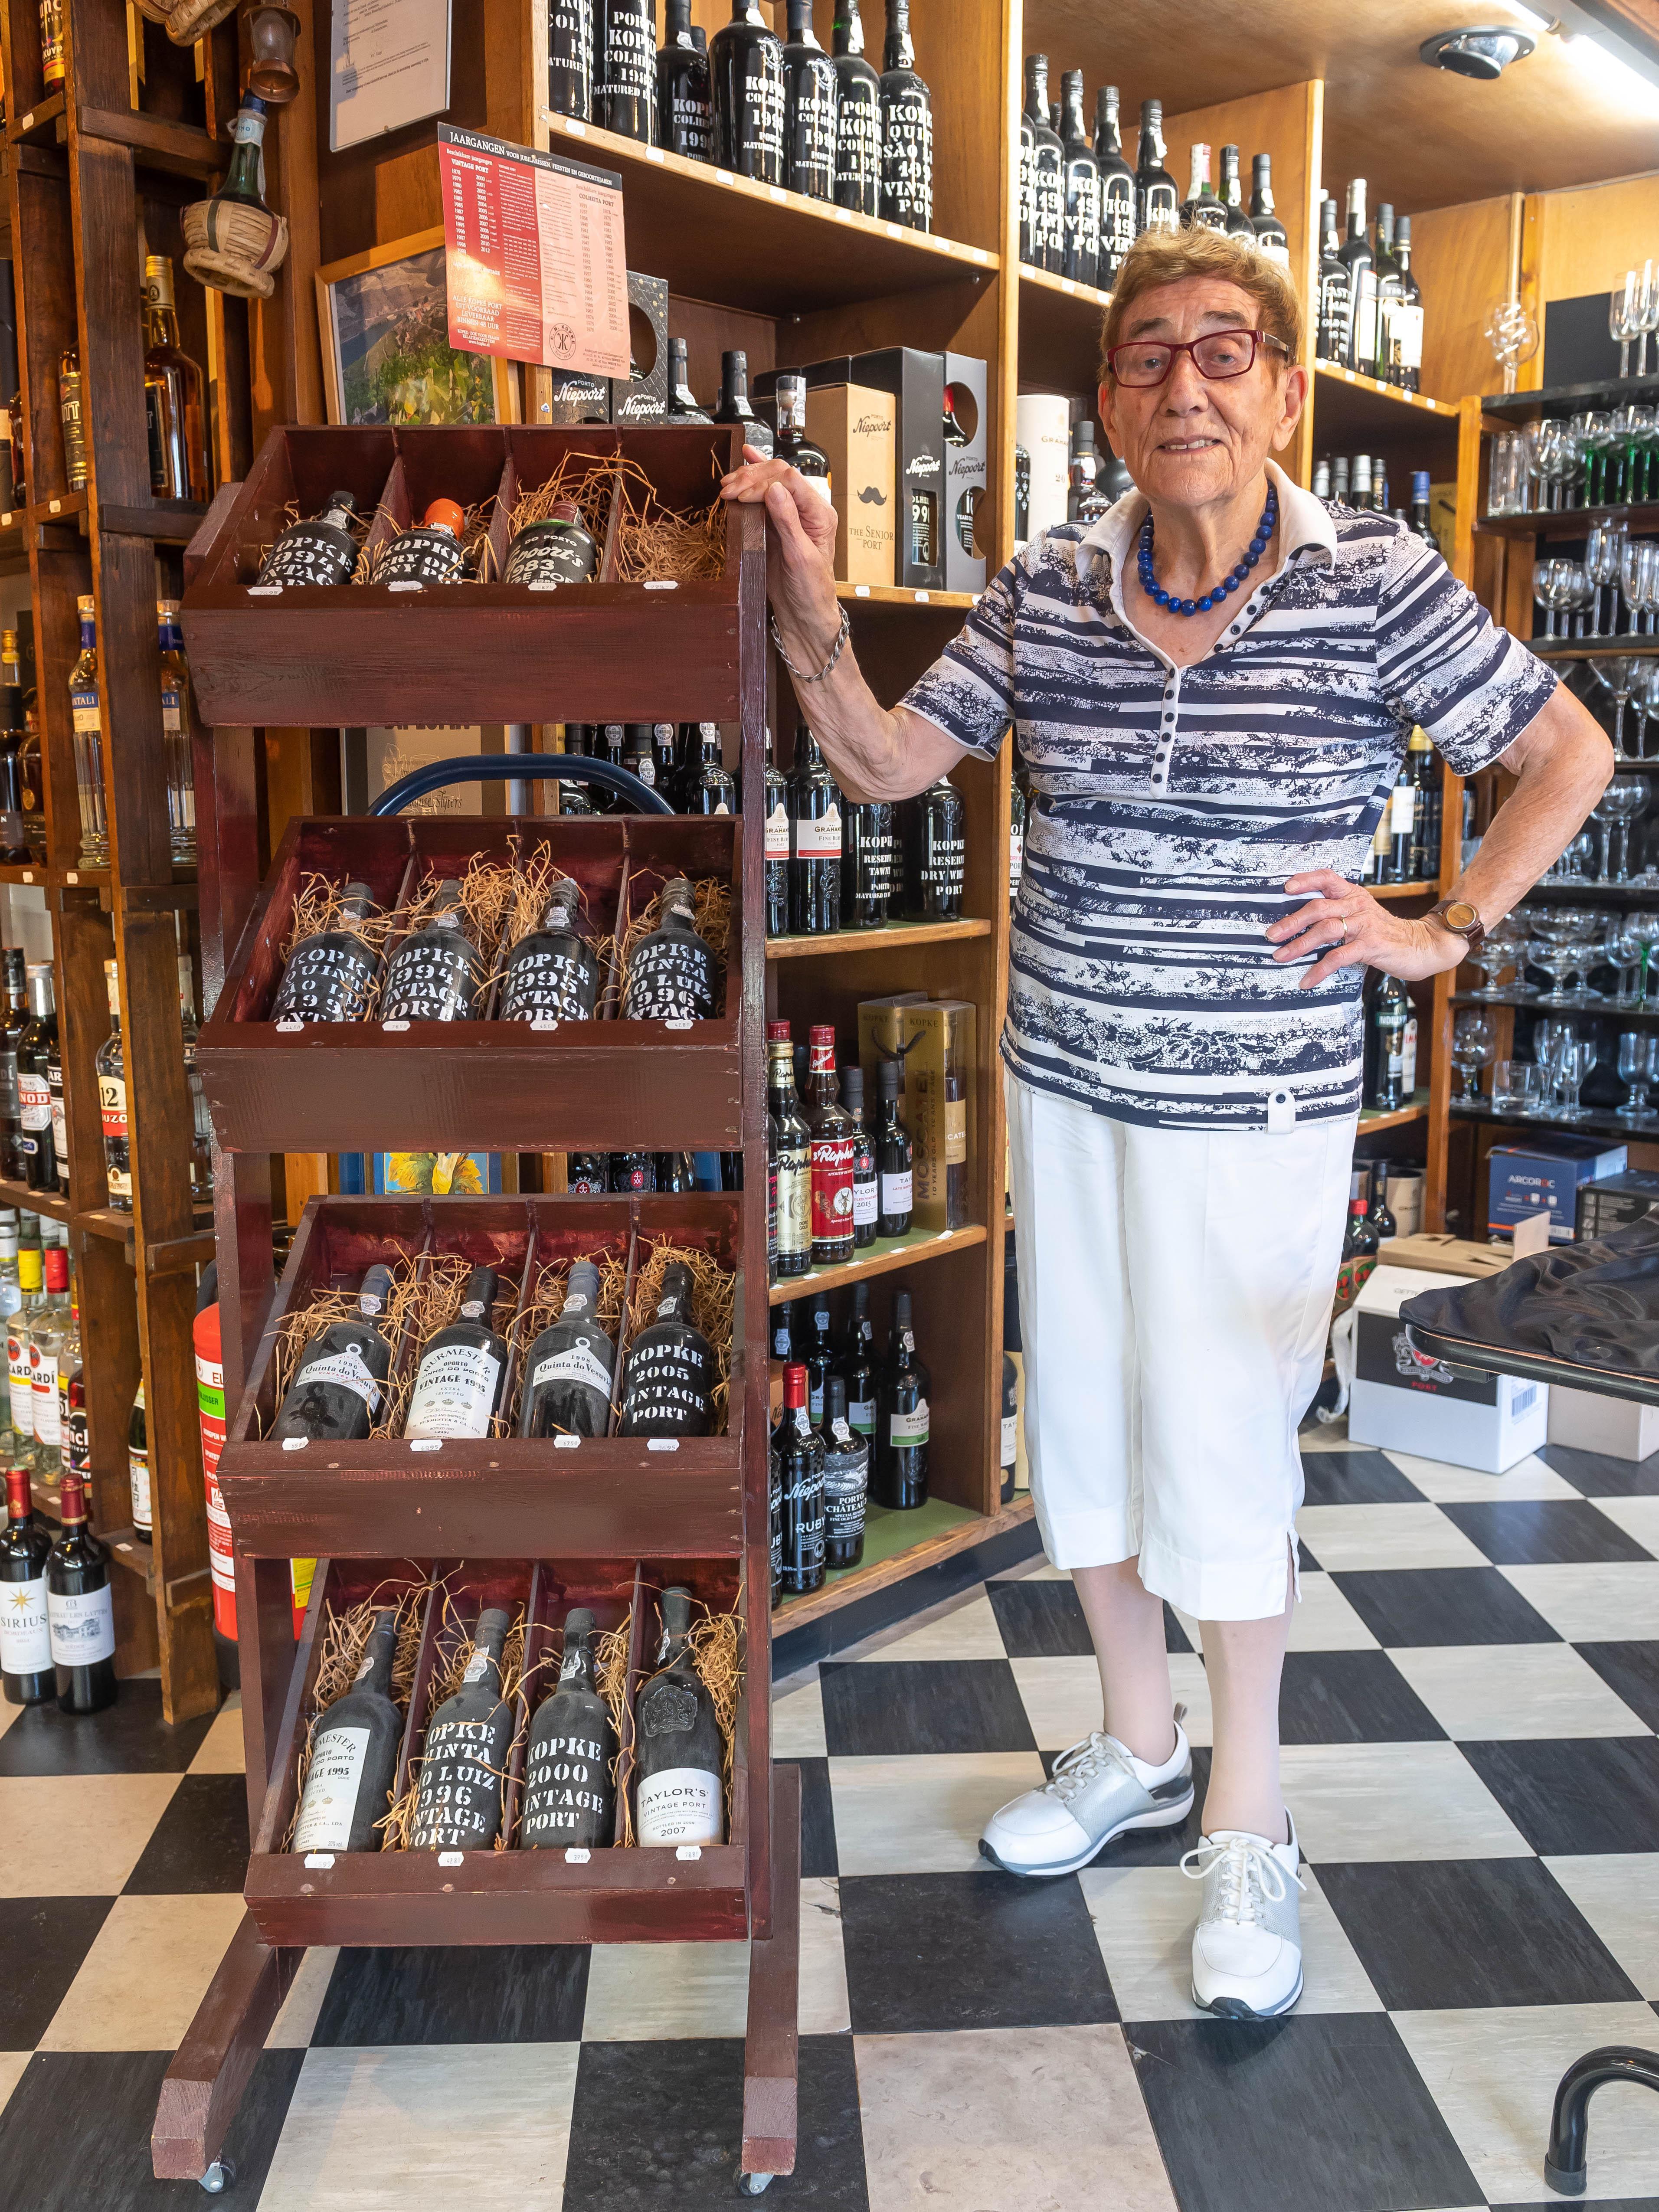 91-jarige 'Mevrouw' Meijer staat nog elke dag in haar eigen wijnzaak in Wormer. 'Bang voor corona? Meneer, een mens kan niet blijven leven, hè'